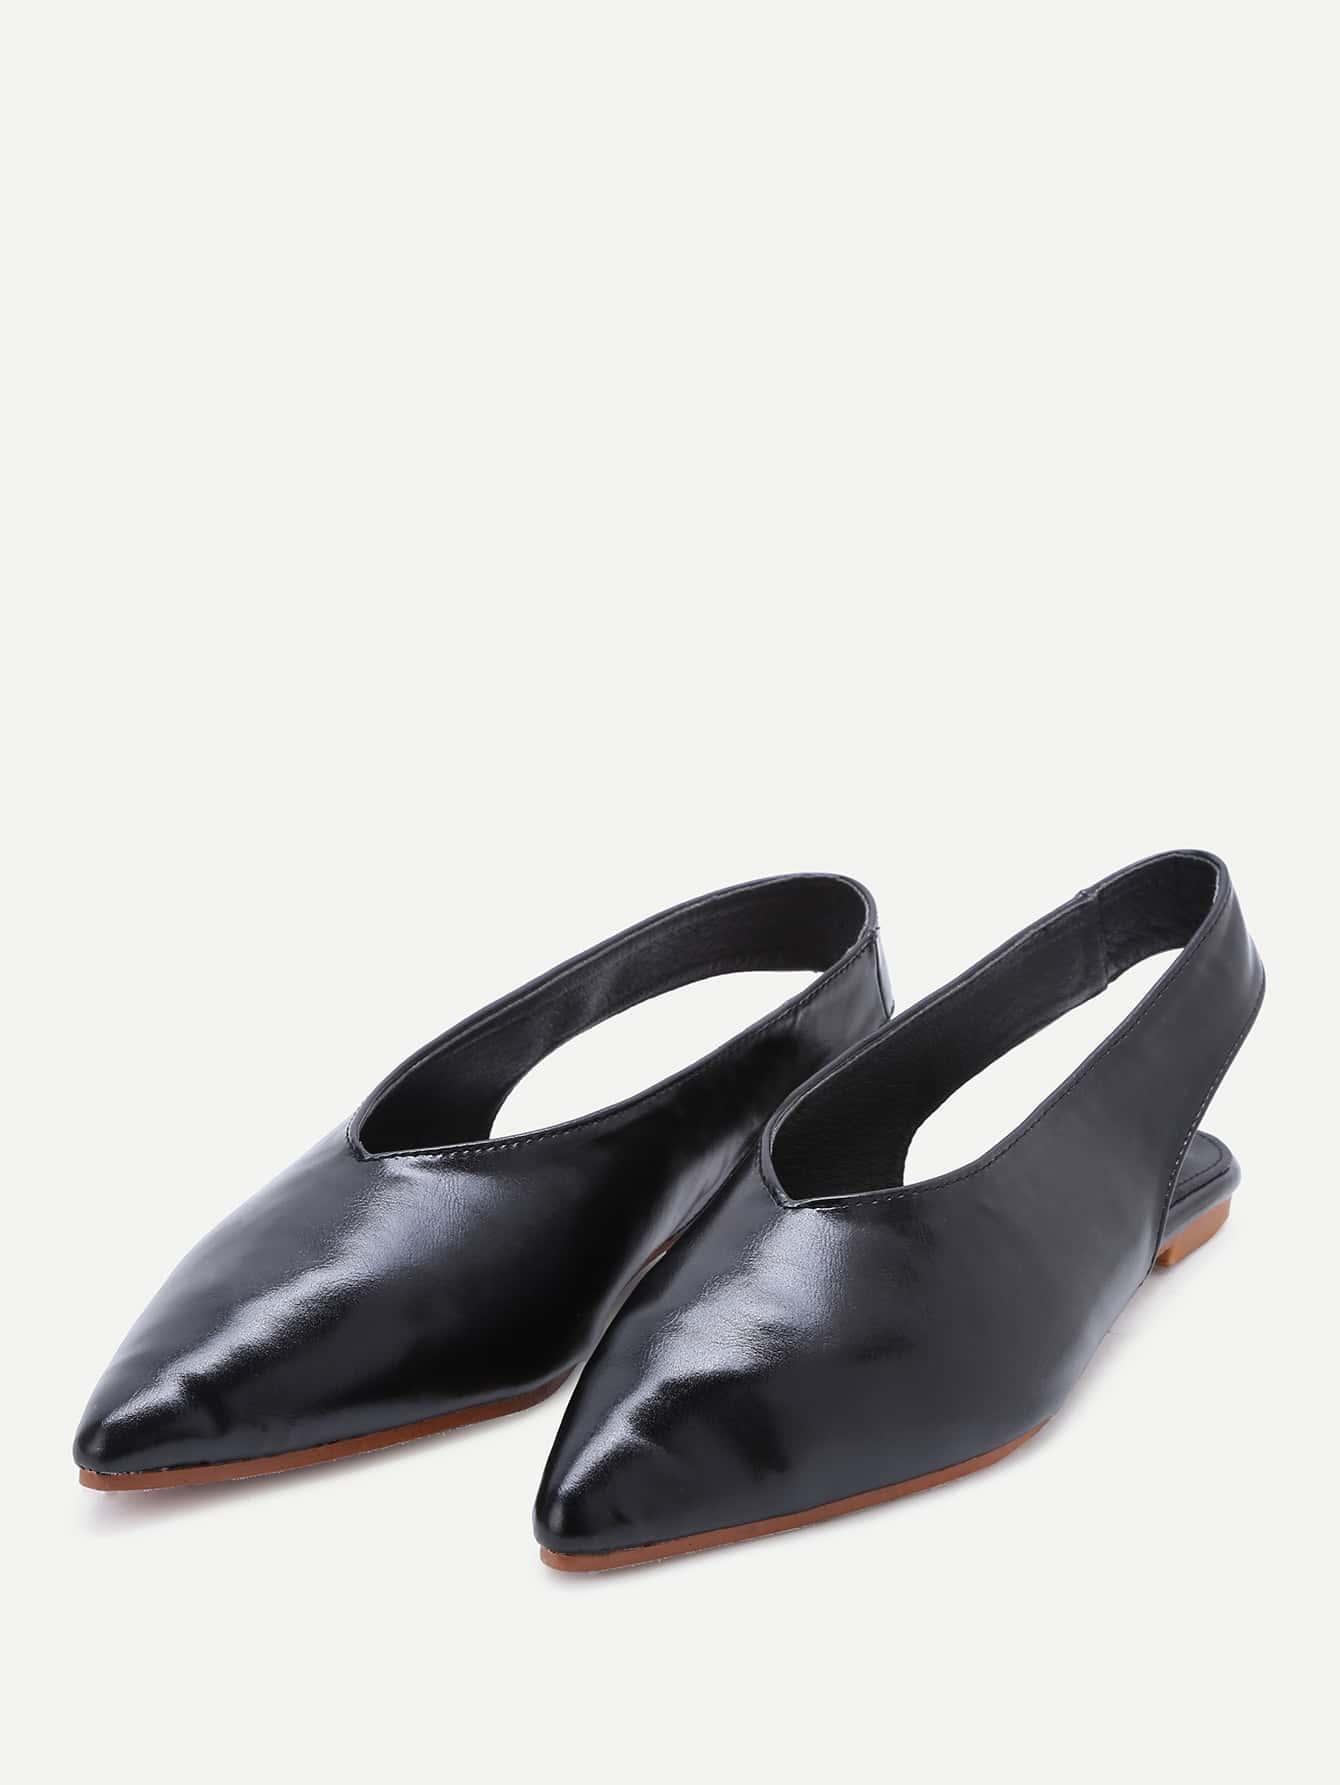 shoes170329802_2